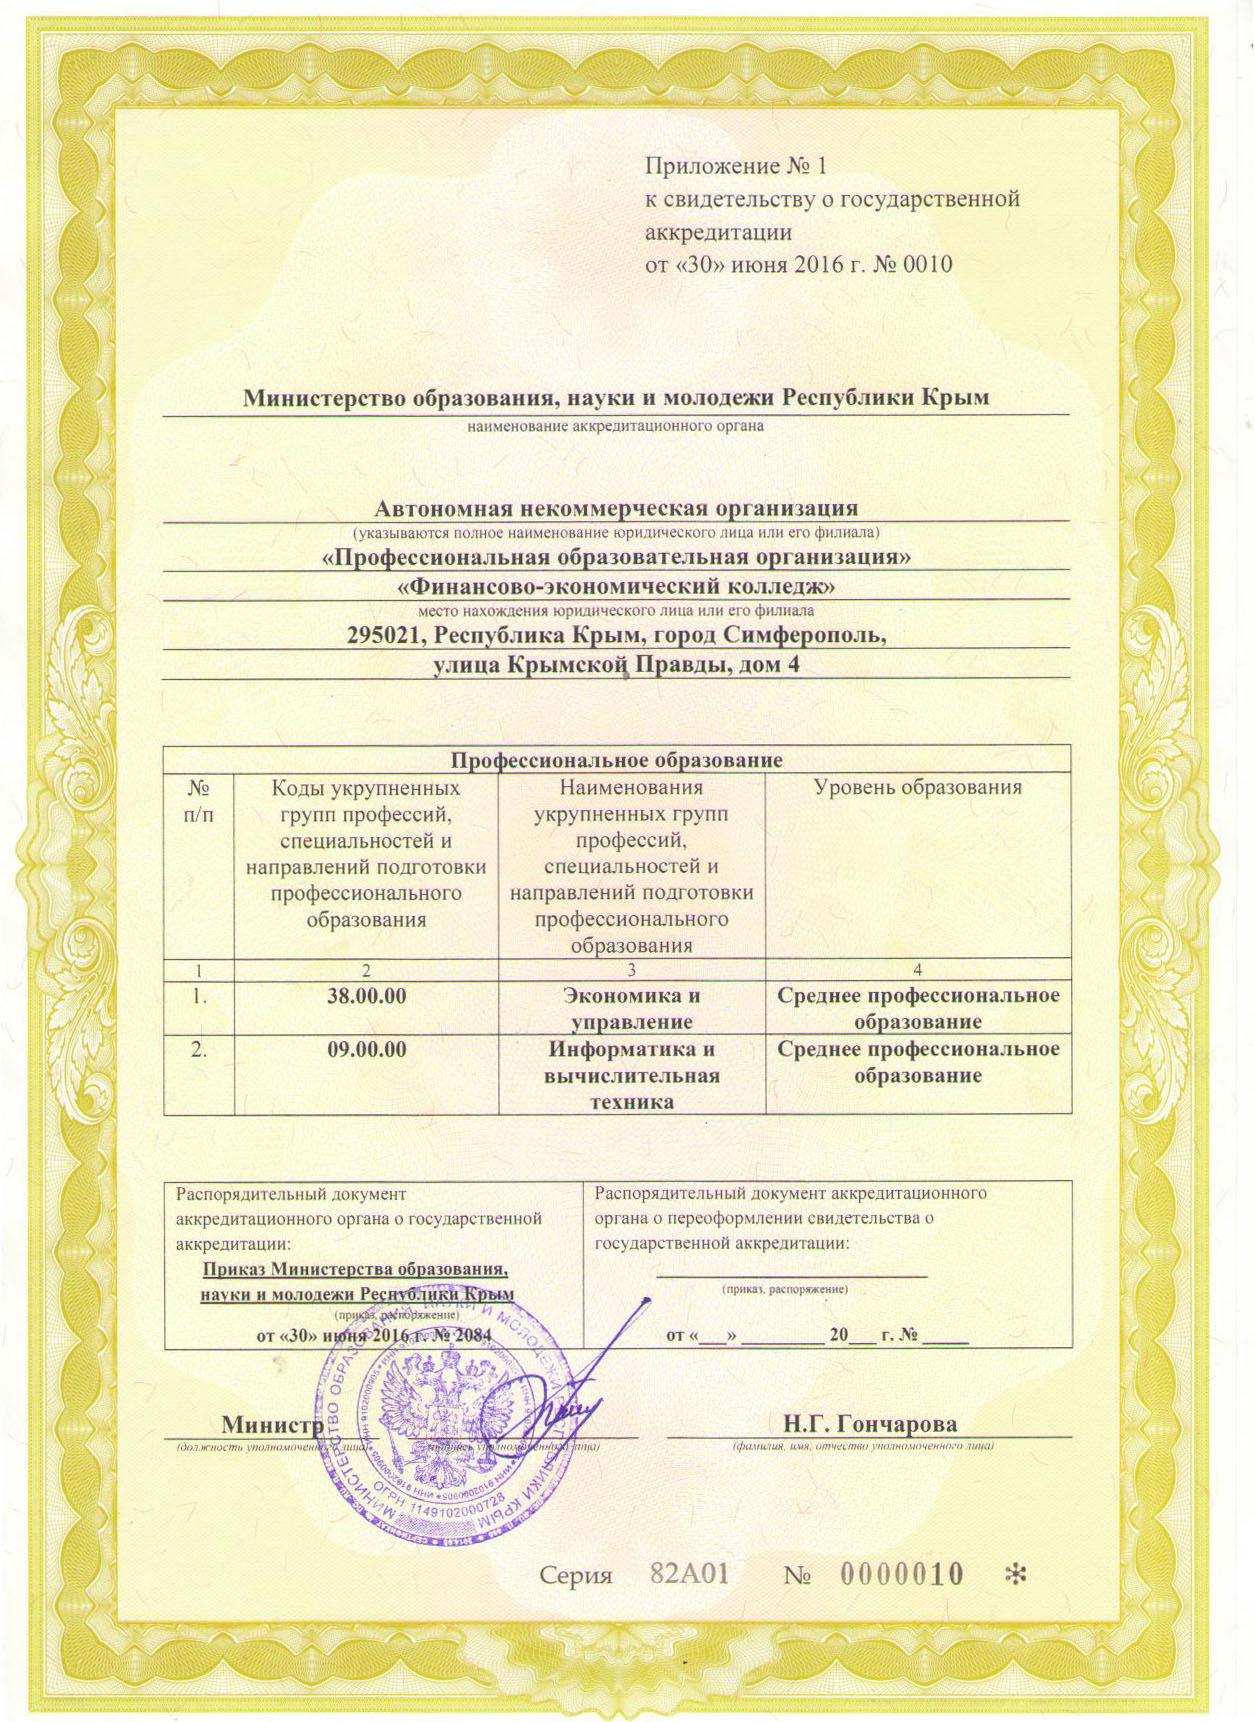 2-prilojenie-svidetelstvo-o-gosudarstvennoj-akkreditacii